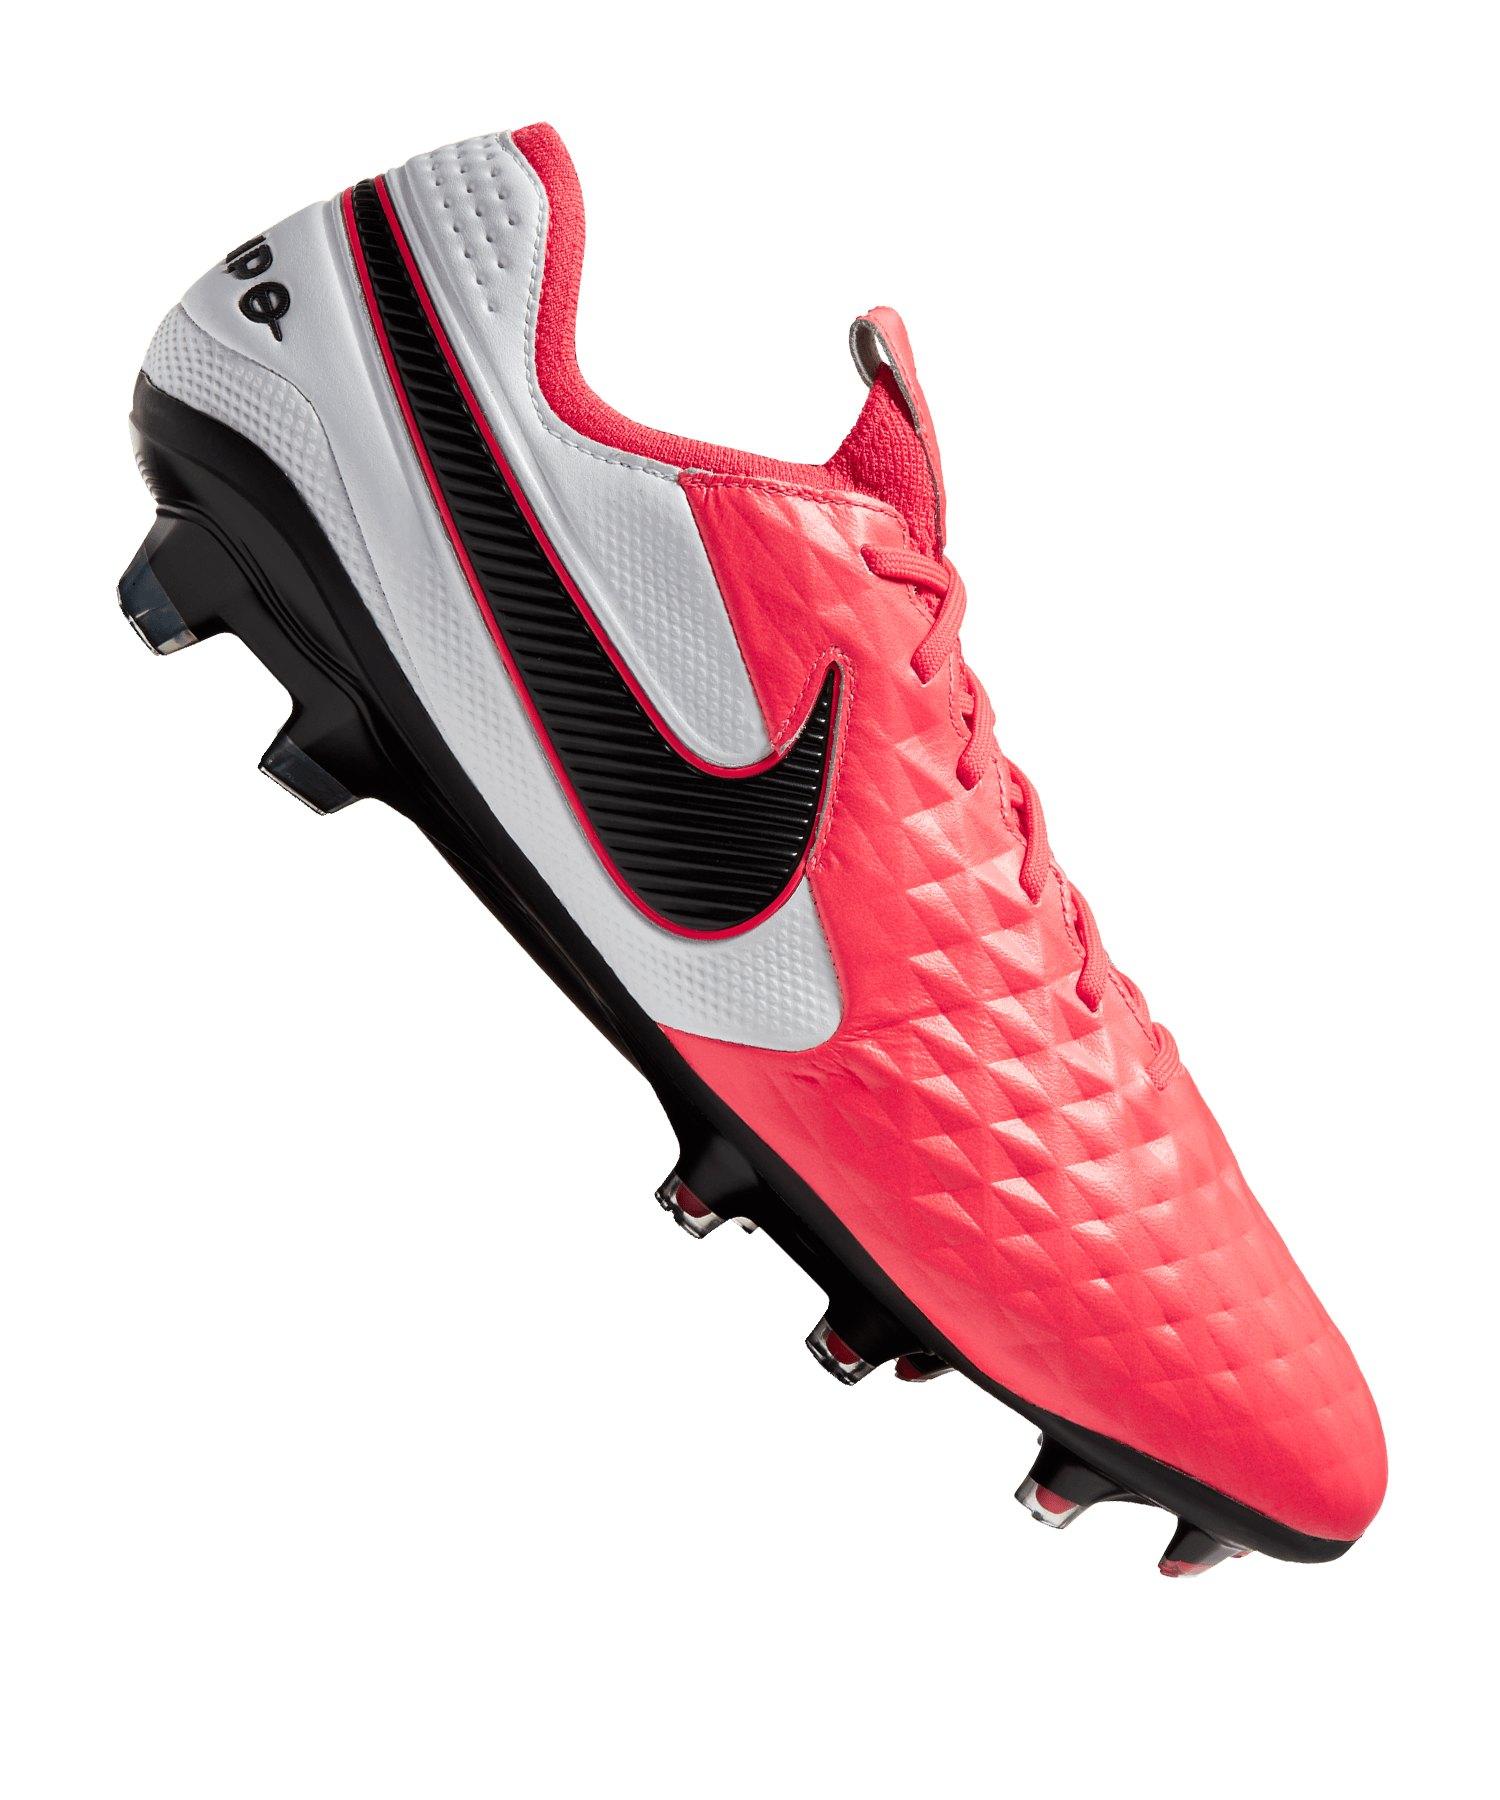 Fußballschuhe Schuhe Nike Tiempo Legend 8 Elite FG Herren